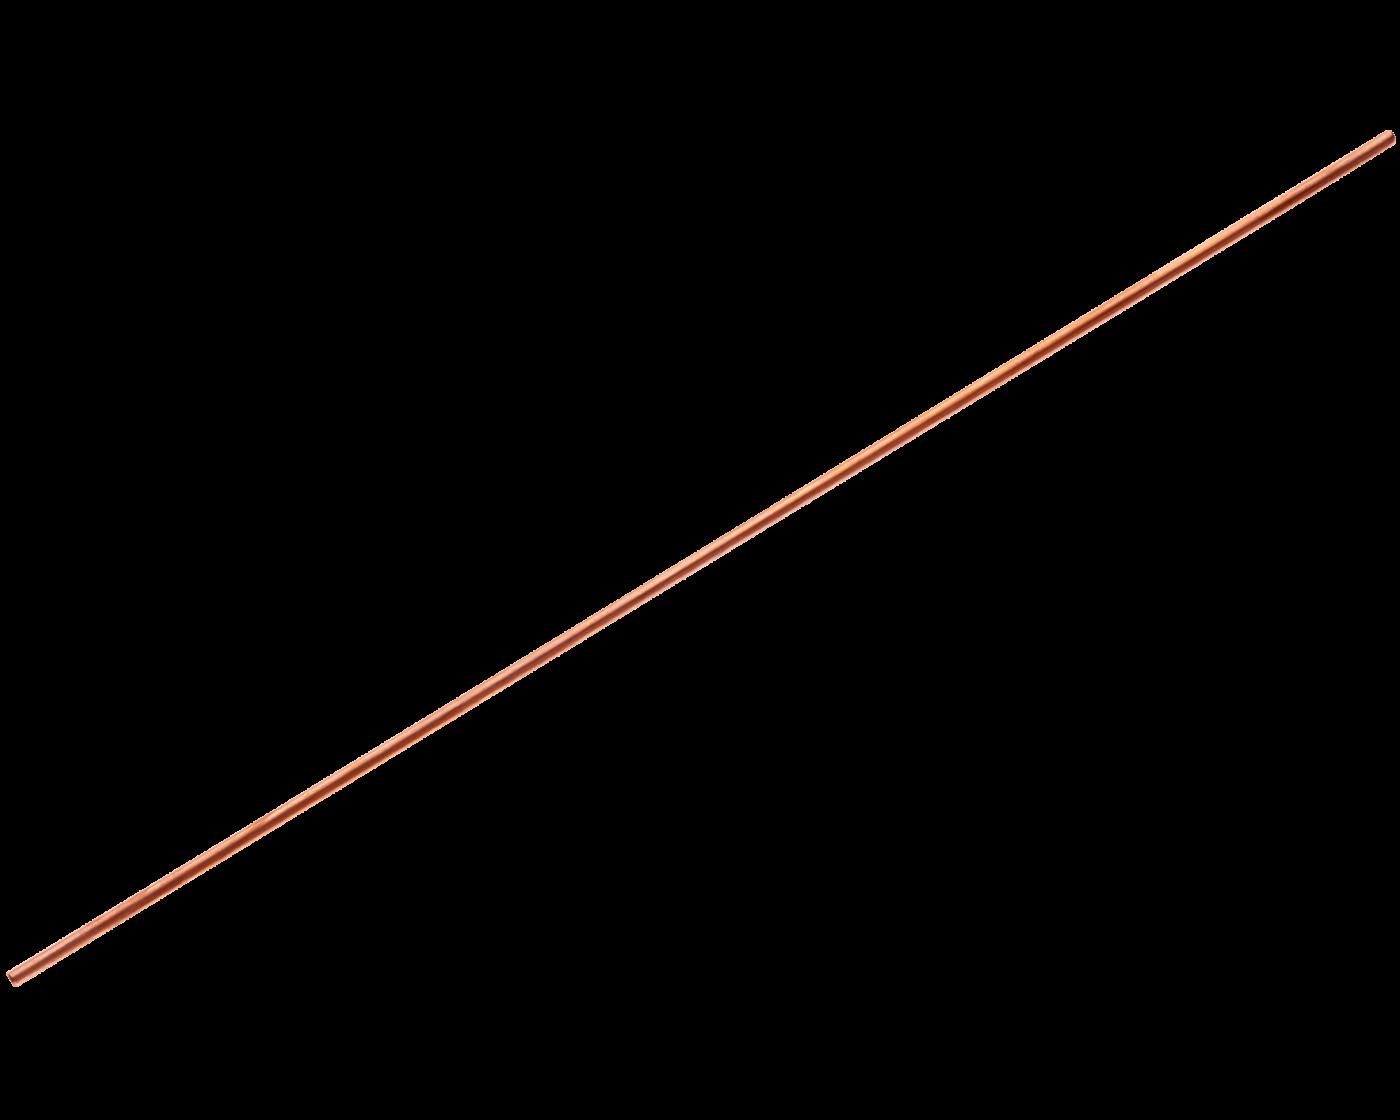 """ER0402 Electrode Rod <br>1/8"""" OD, 12"""" Length <br> RWMA 2"""